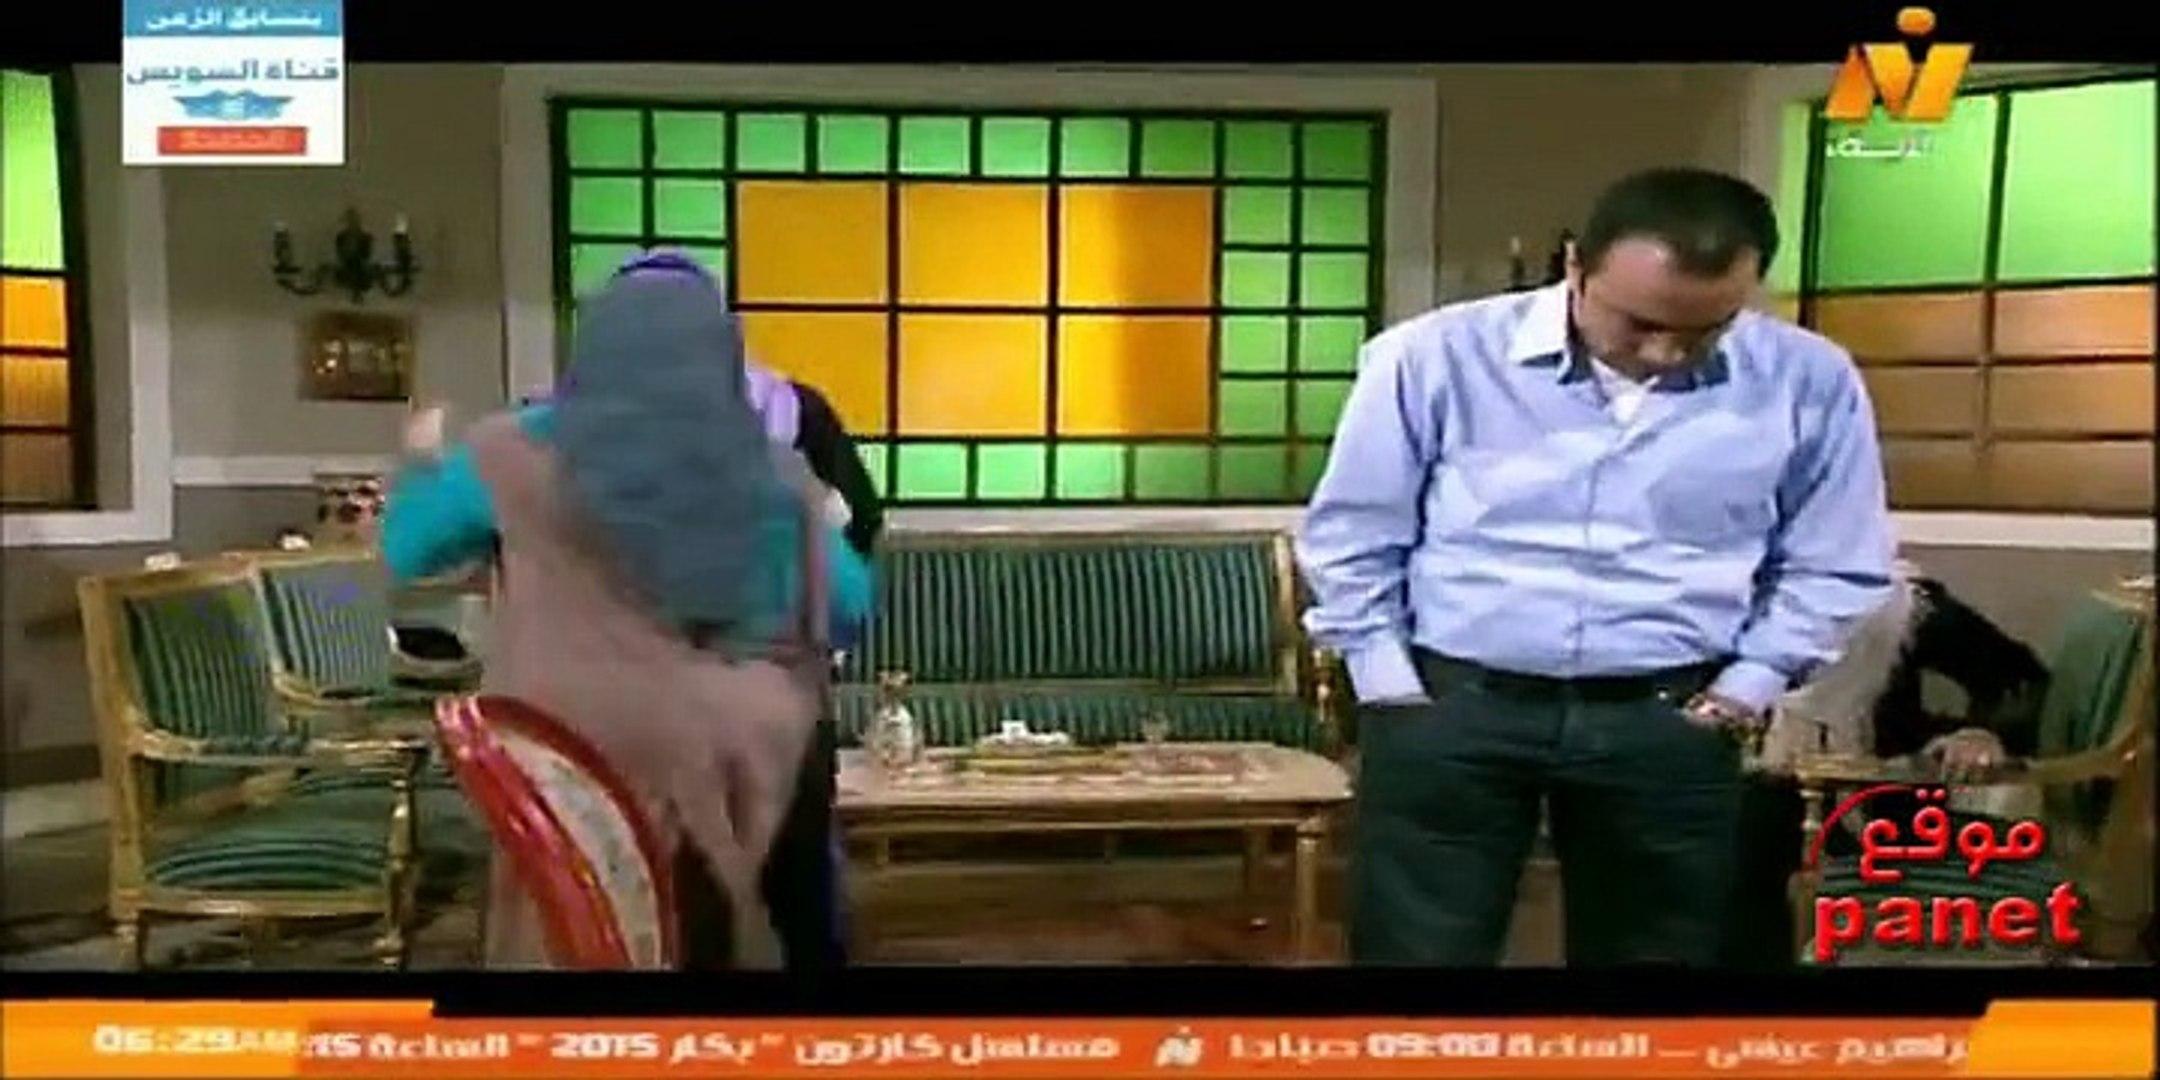 ولاد السيدة الحلقة 12 - موقع بانيت المغرب